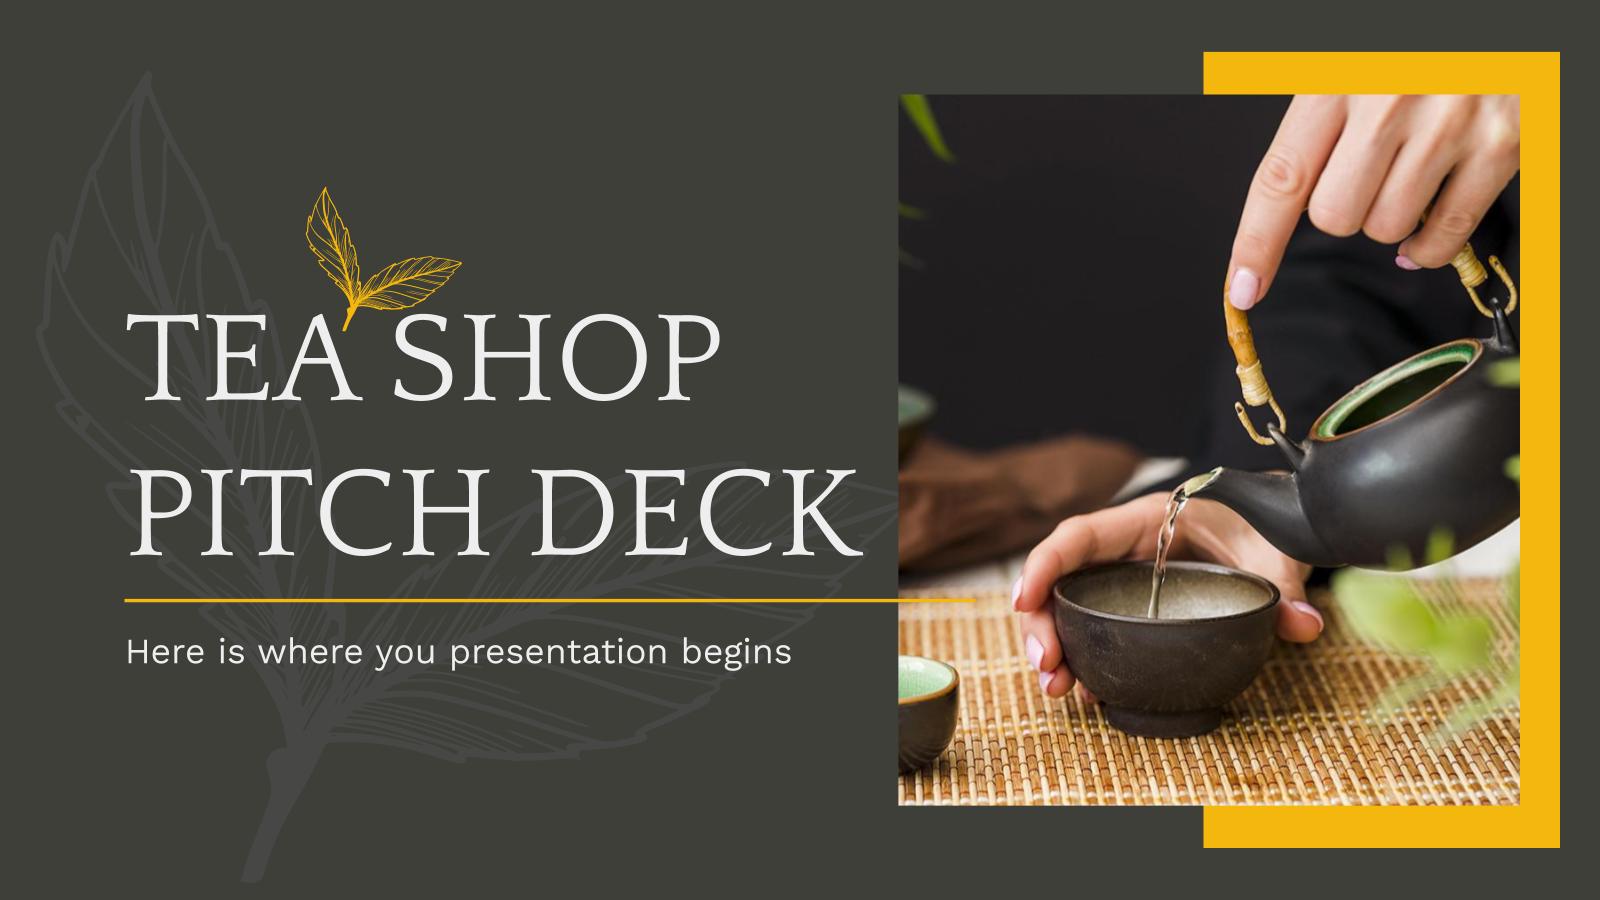 Plantilla de presentación Pitch deck para teterías